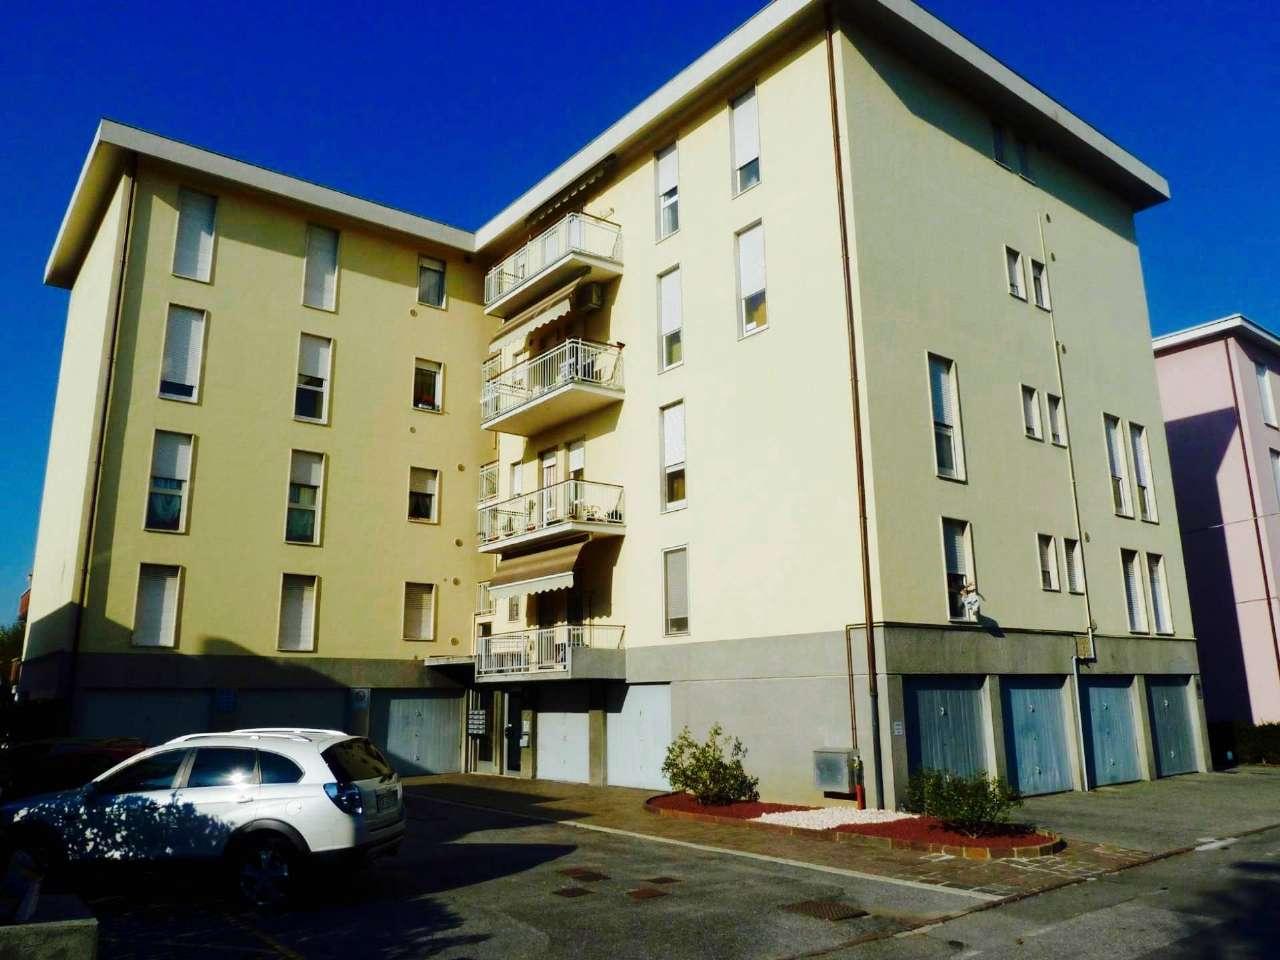 Appartamento in vendita a Ponte San Pietro, 4 locali, prezzo € 109.000 | CambioCasa.it